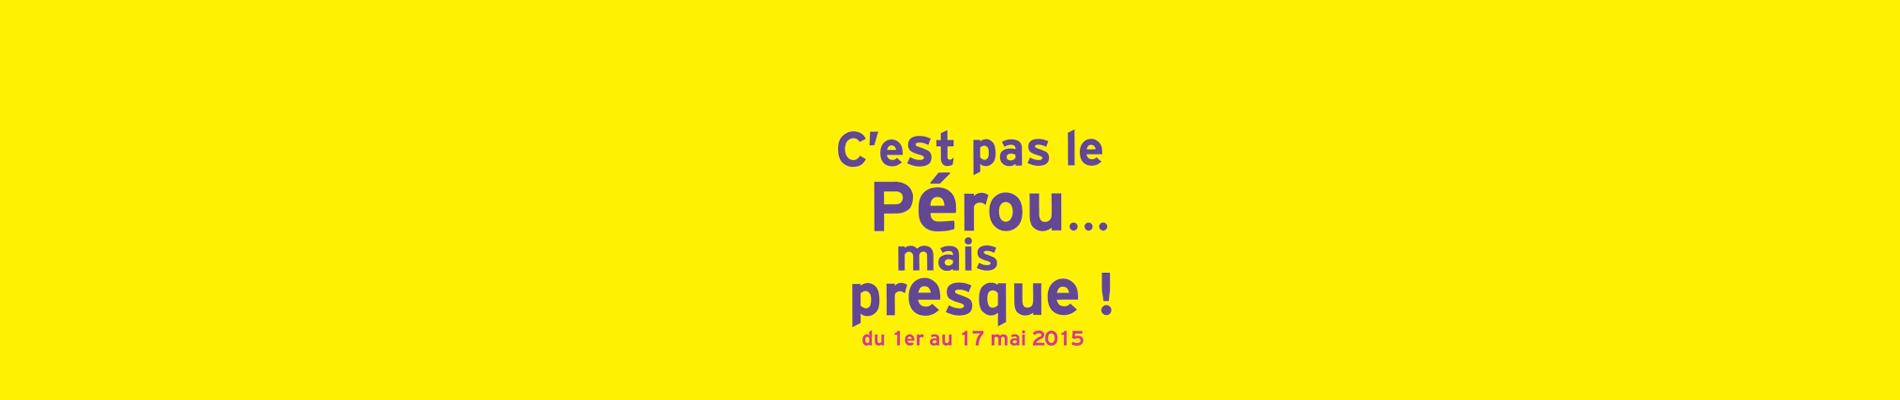 Perou_tuile2